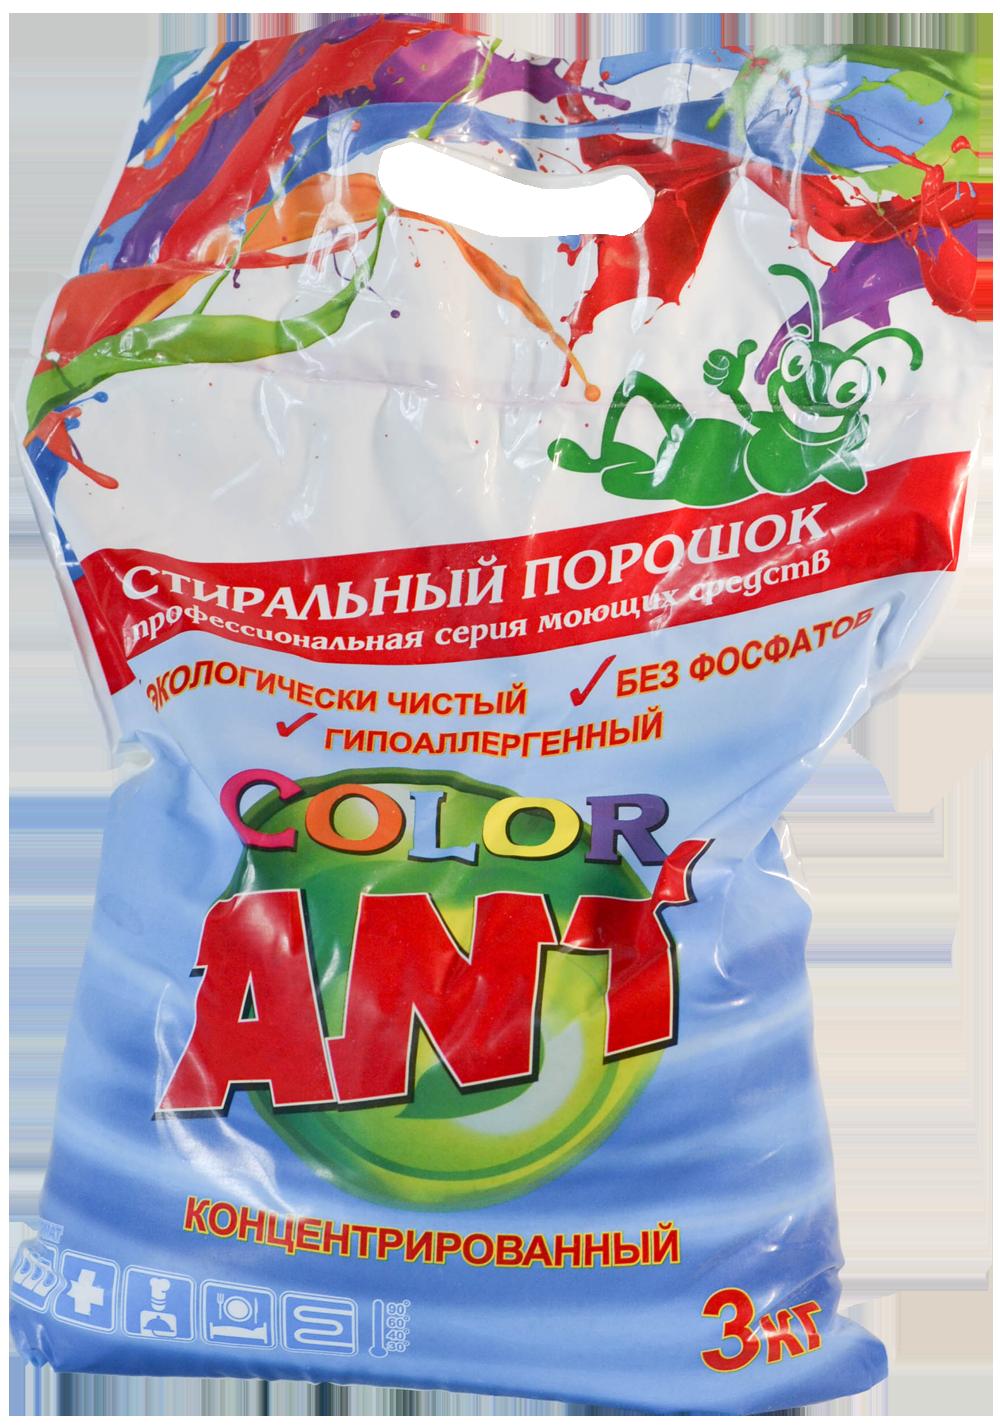 Фото 1 Стиральный порошок ANT Color